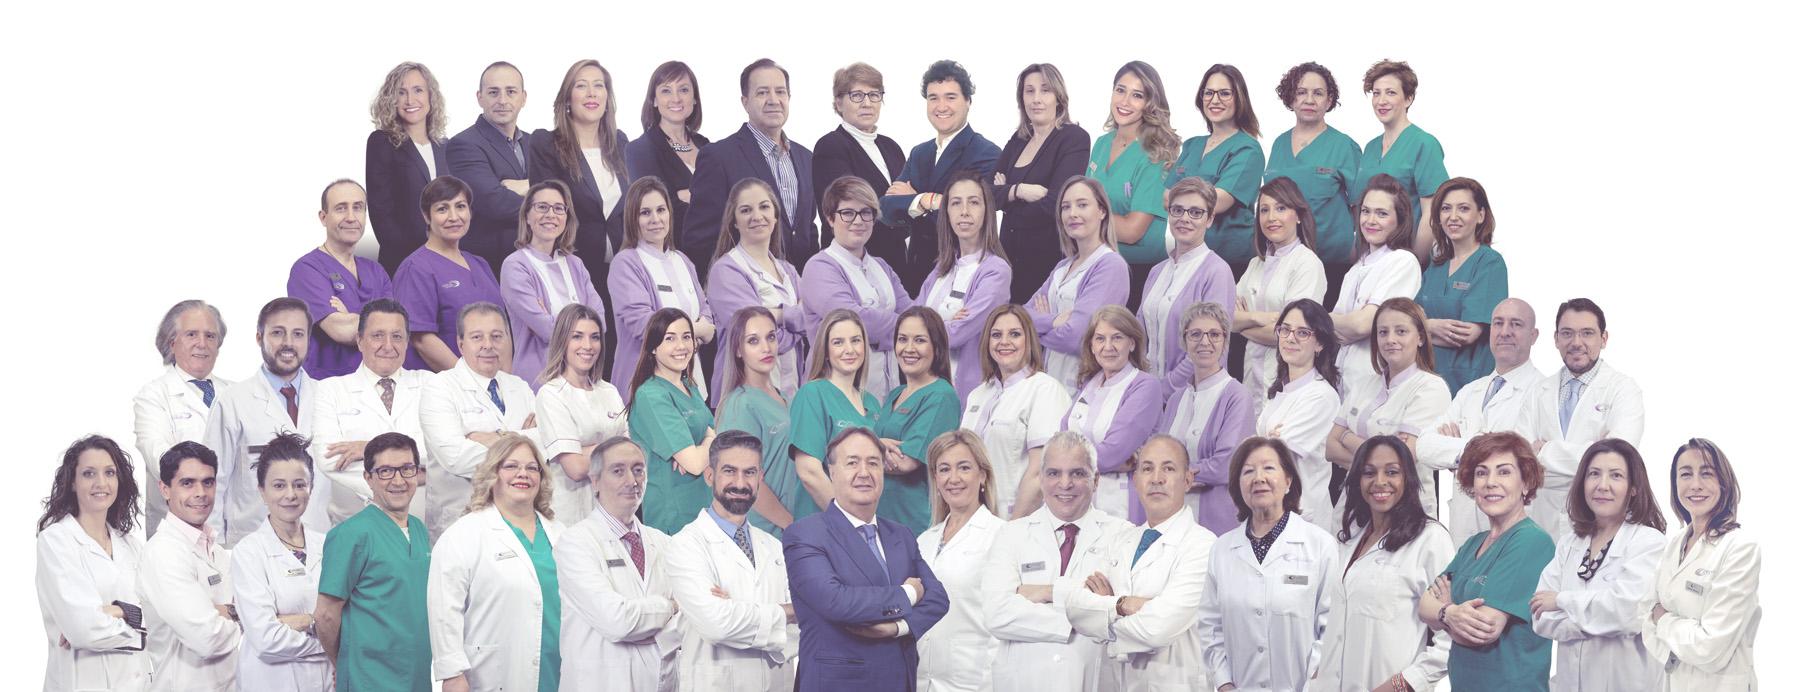 Equipo médico de Clínica Menorca